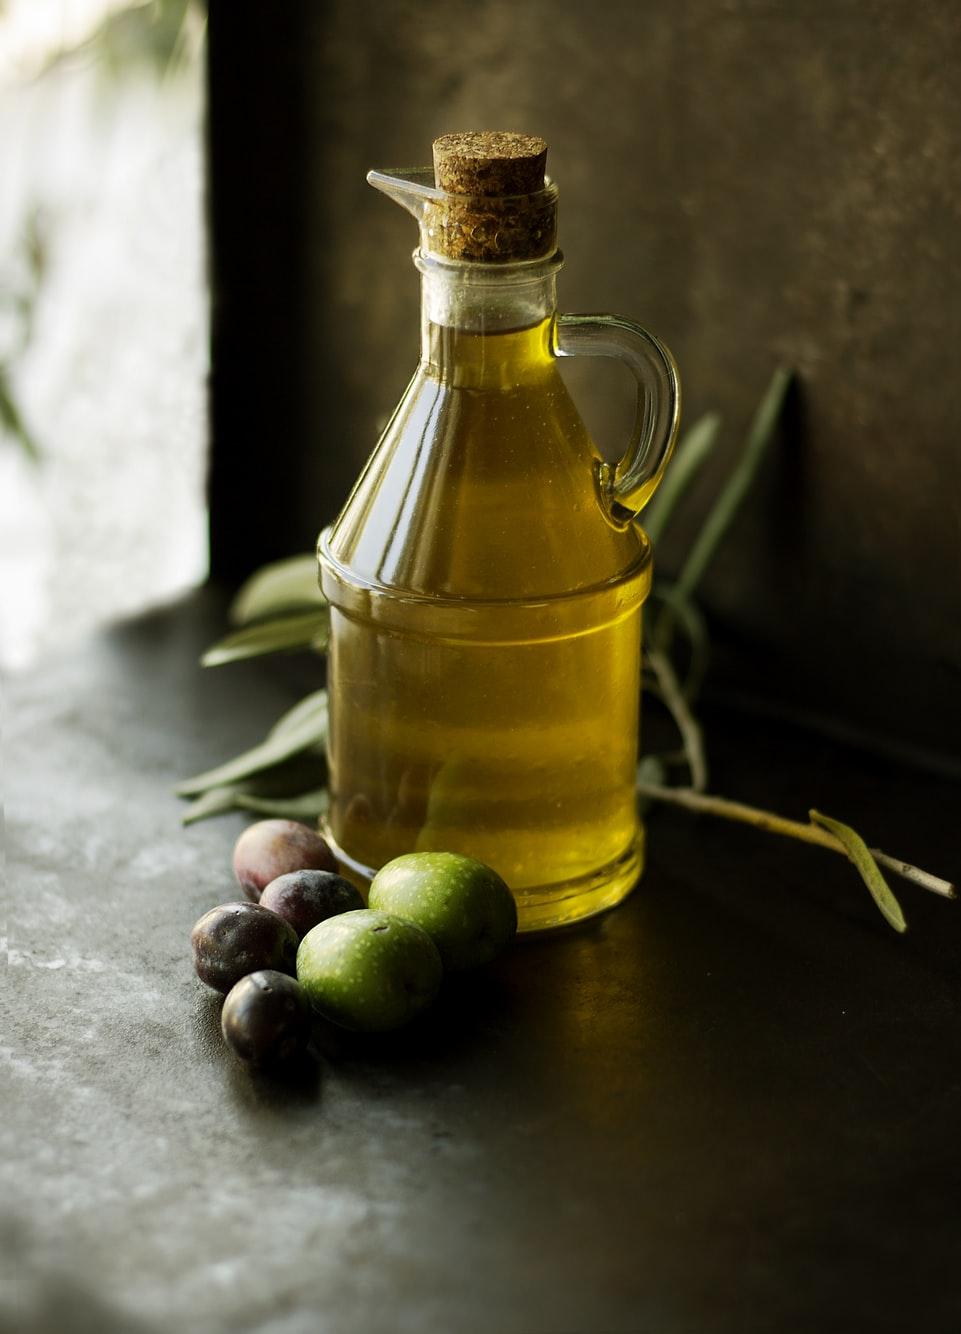 Dieta mediterrânea une saúde, cultura e longevidade